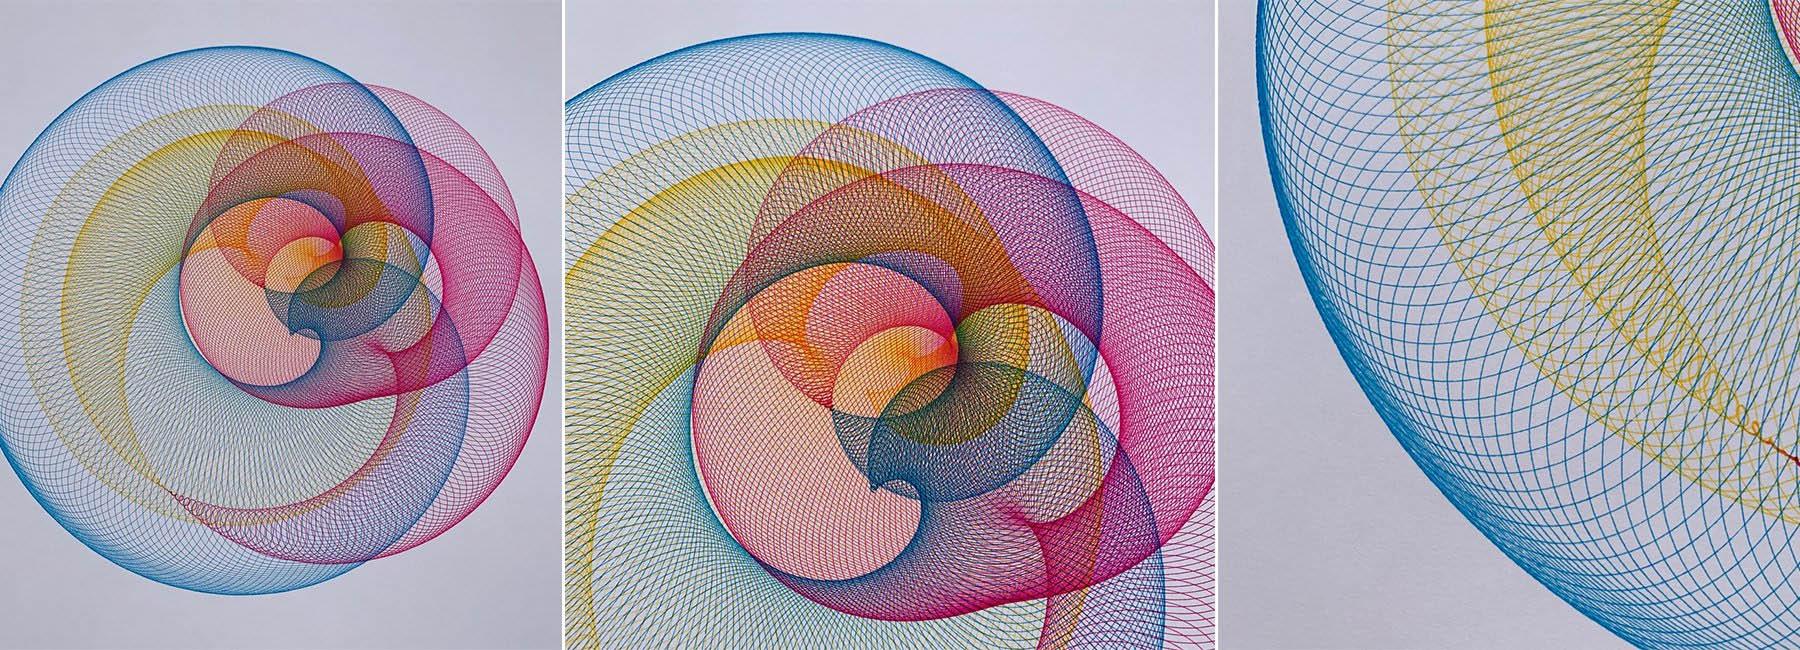 خلق آثار هنری ظریف و در هم پیچیده با ربات های ساخت جیمز نولان